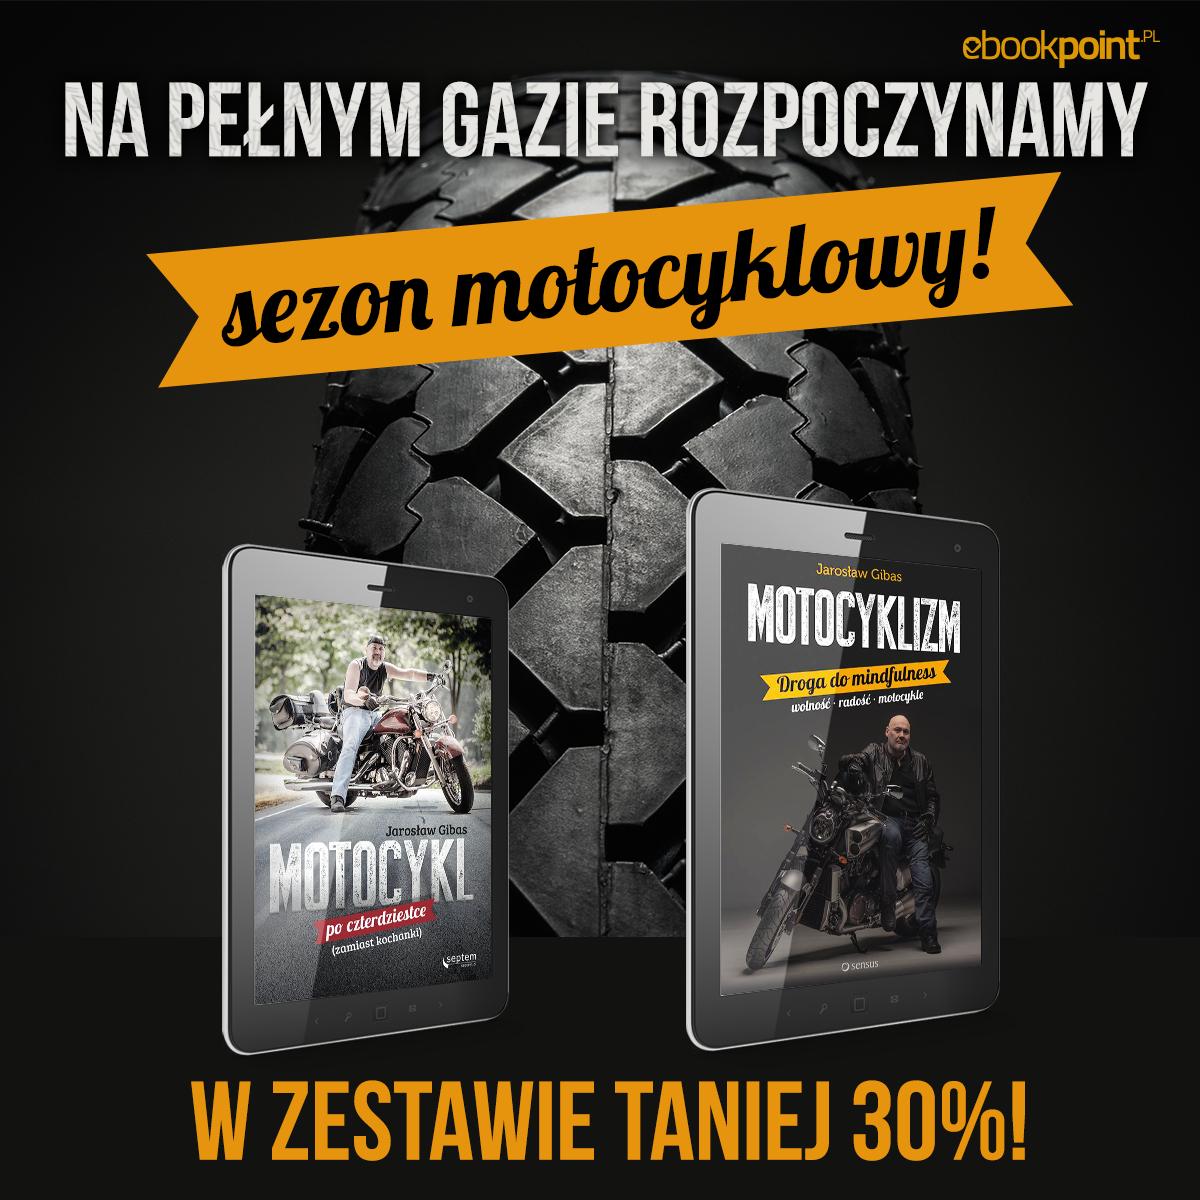 Motocyklowe ebooki lub audiobooki 30% taniej @ ebookpoint.pl